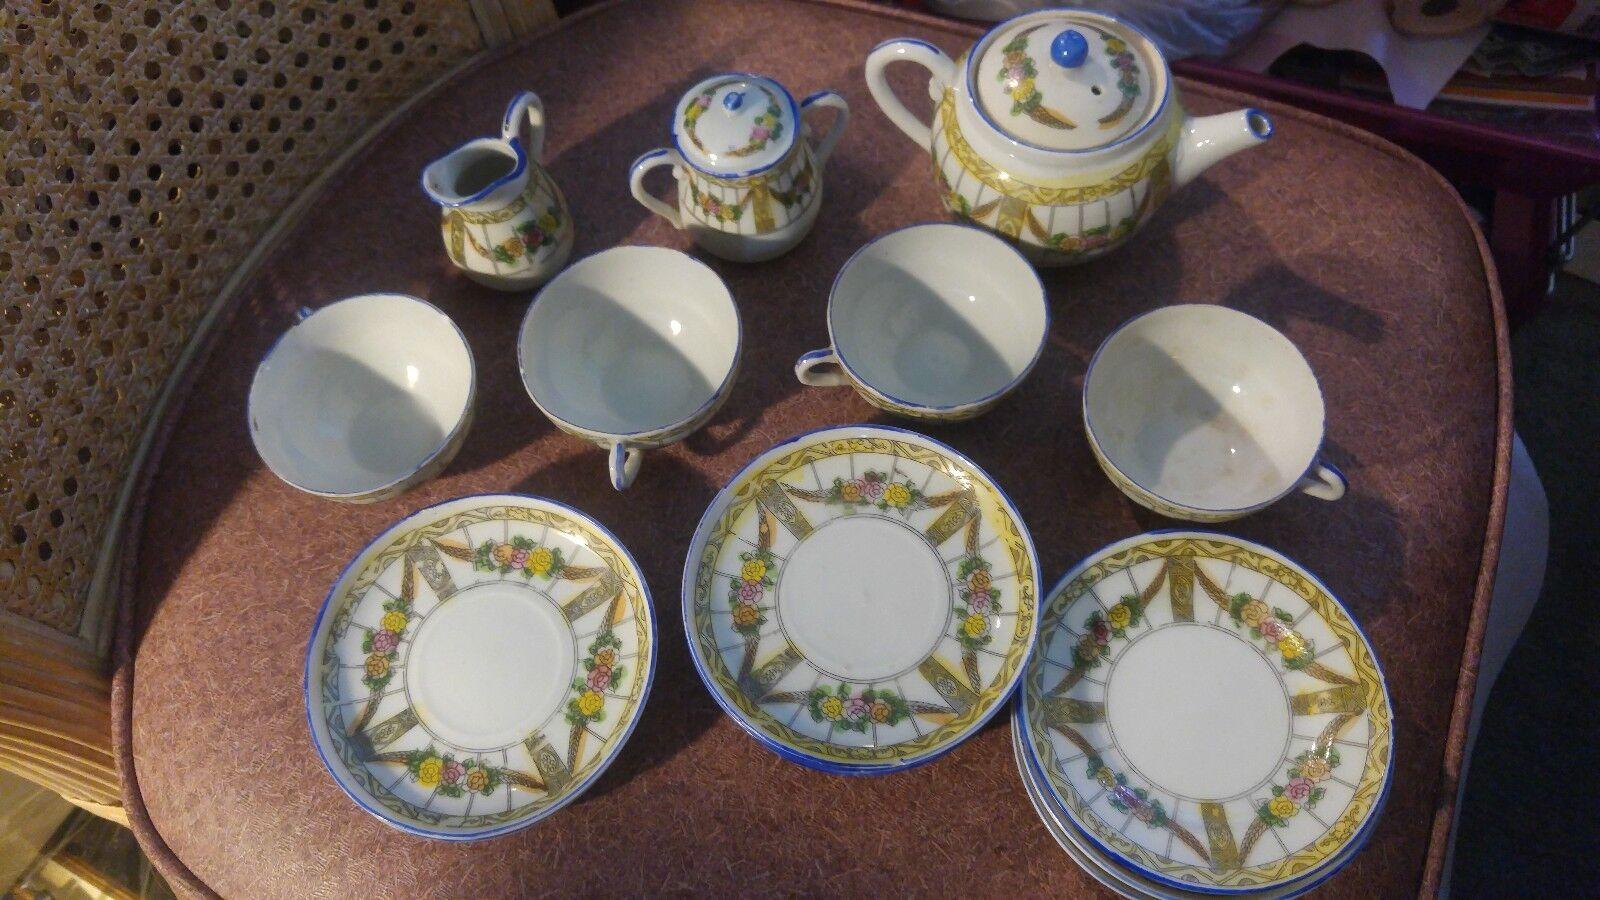 Vintage Toy Tea Set 16 Piece Made Japan Hand Painted Flower Garlands Porcelain